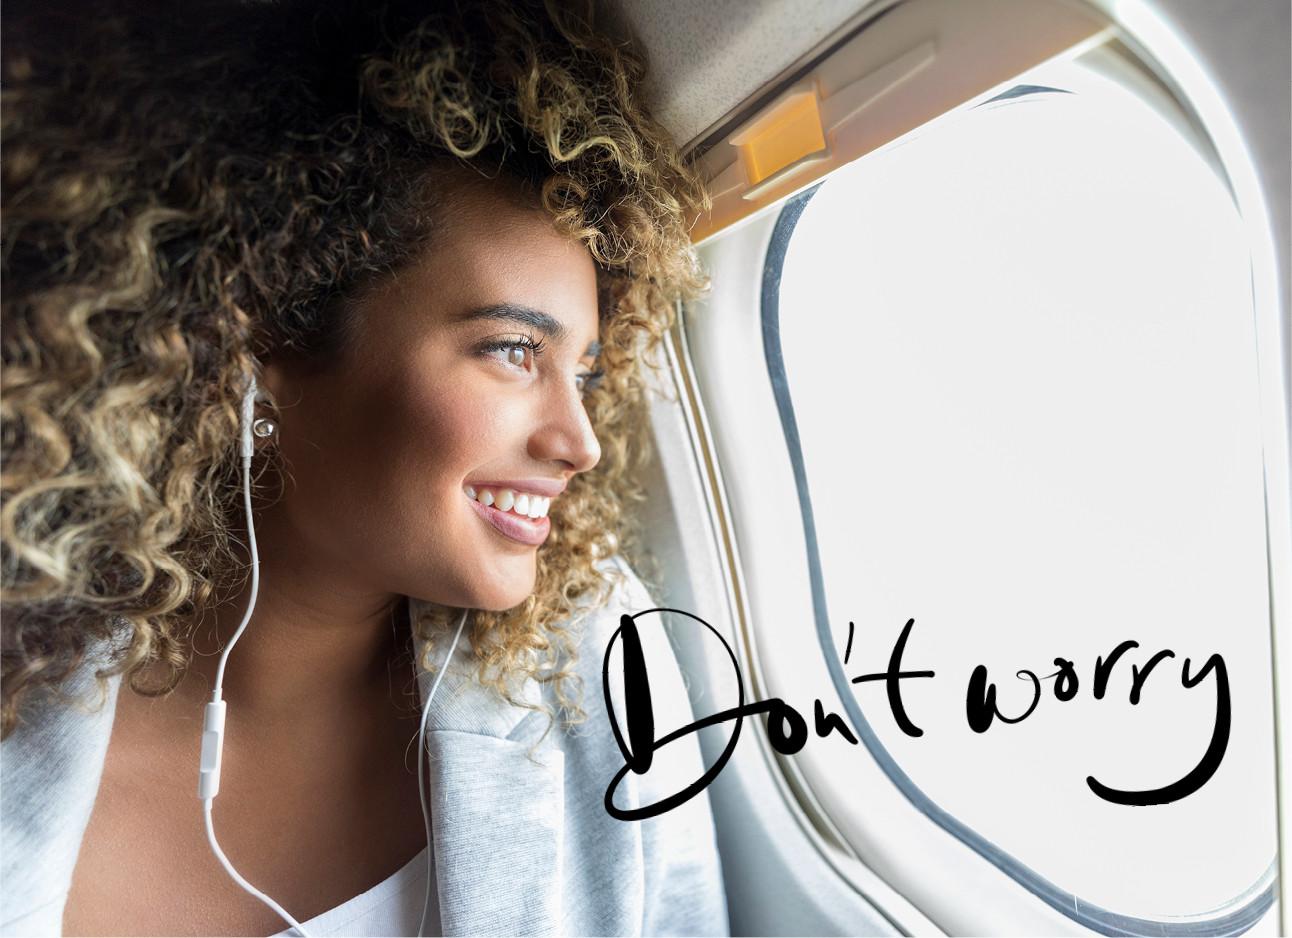 vrouw met krullen zit in het vliegtuig, kijkt lachend uit het raam en heeft oordopjes in